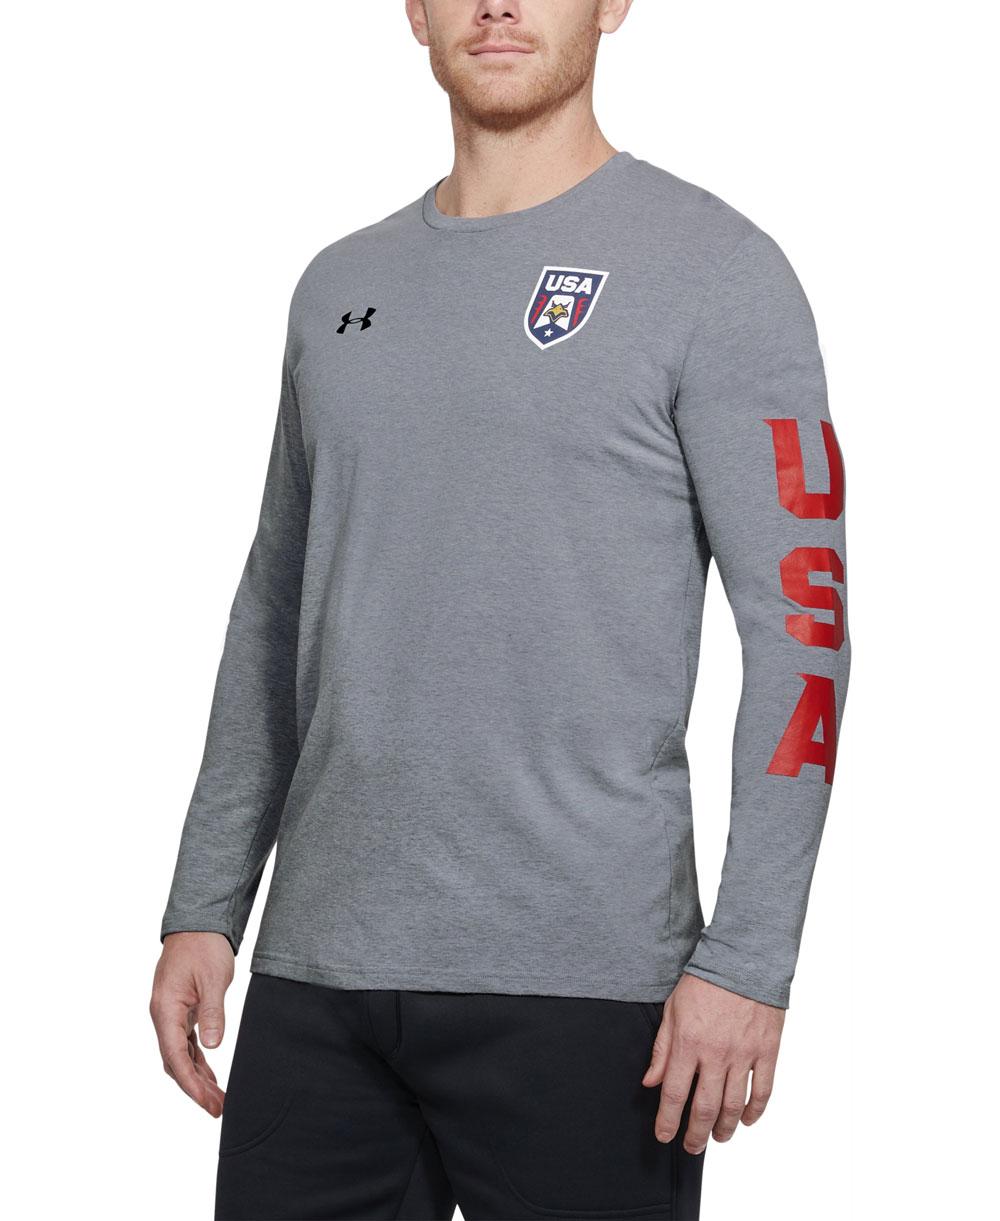 3e996c597ac Under Armour USA Patriot Camiseta Manga Larga para Hombre Steel Lig...